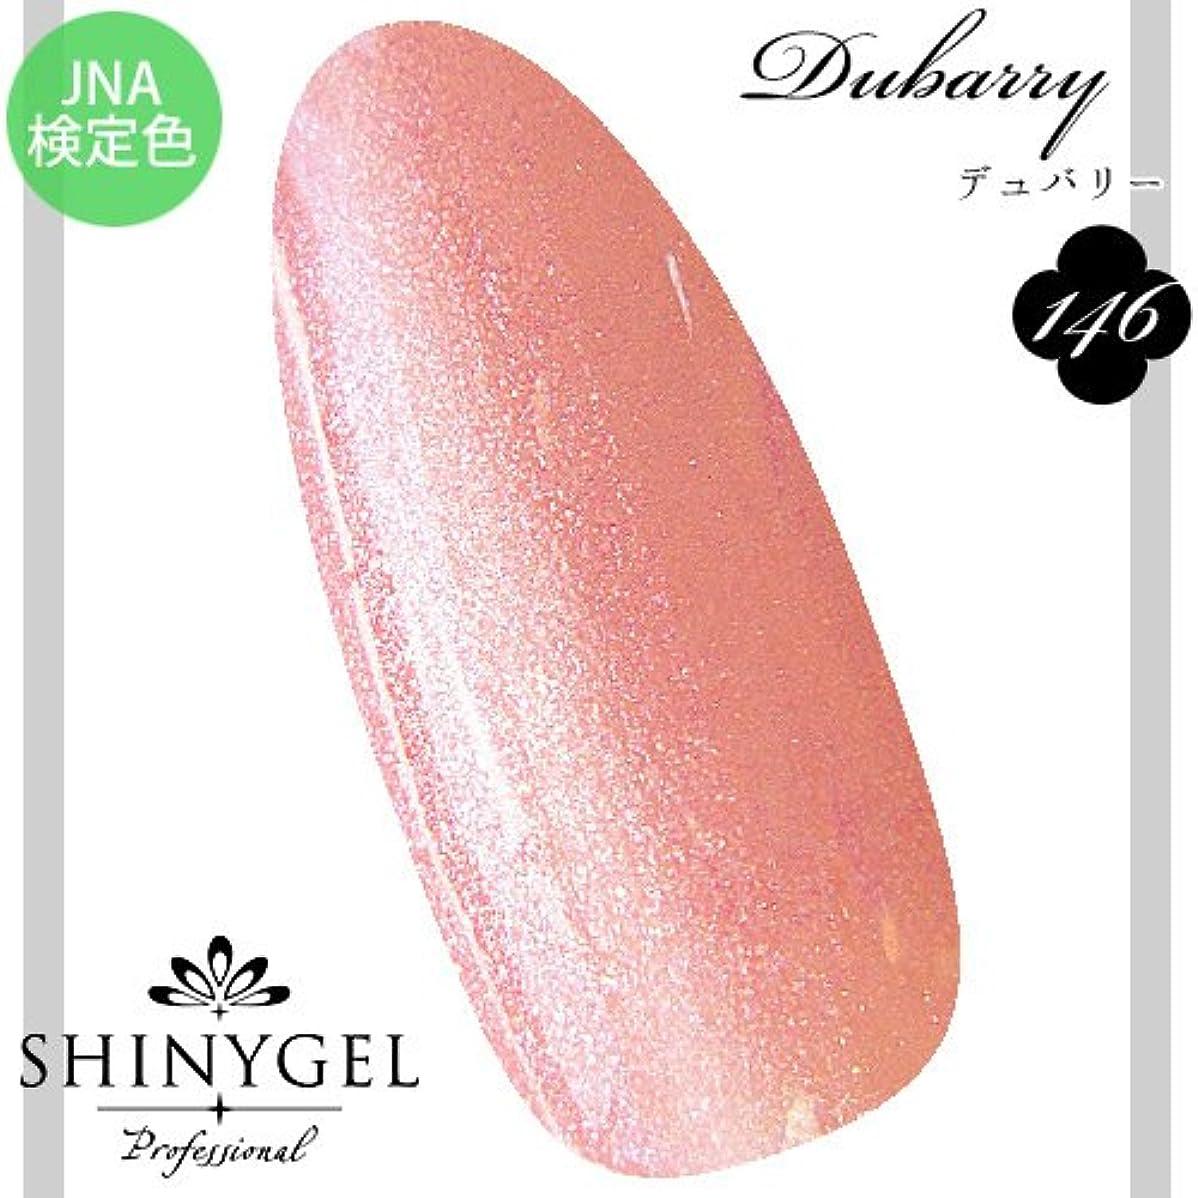 台風コンクリート説明的SHINY GEL カラージェル 146 4g デュバリー JNA検定色 UV/LED対応